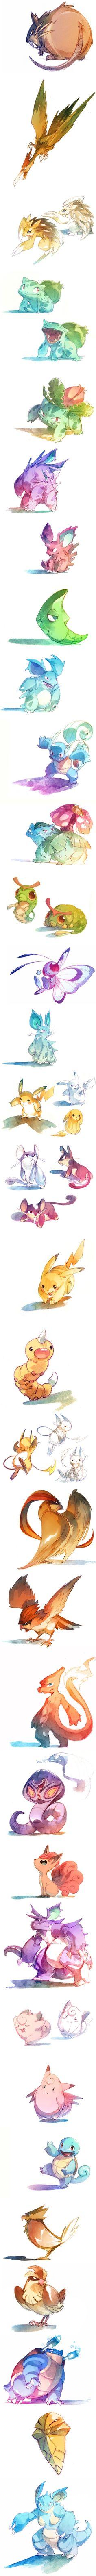 Watercolor Pokemon #nintendo